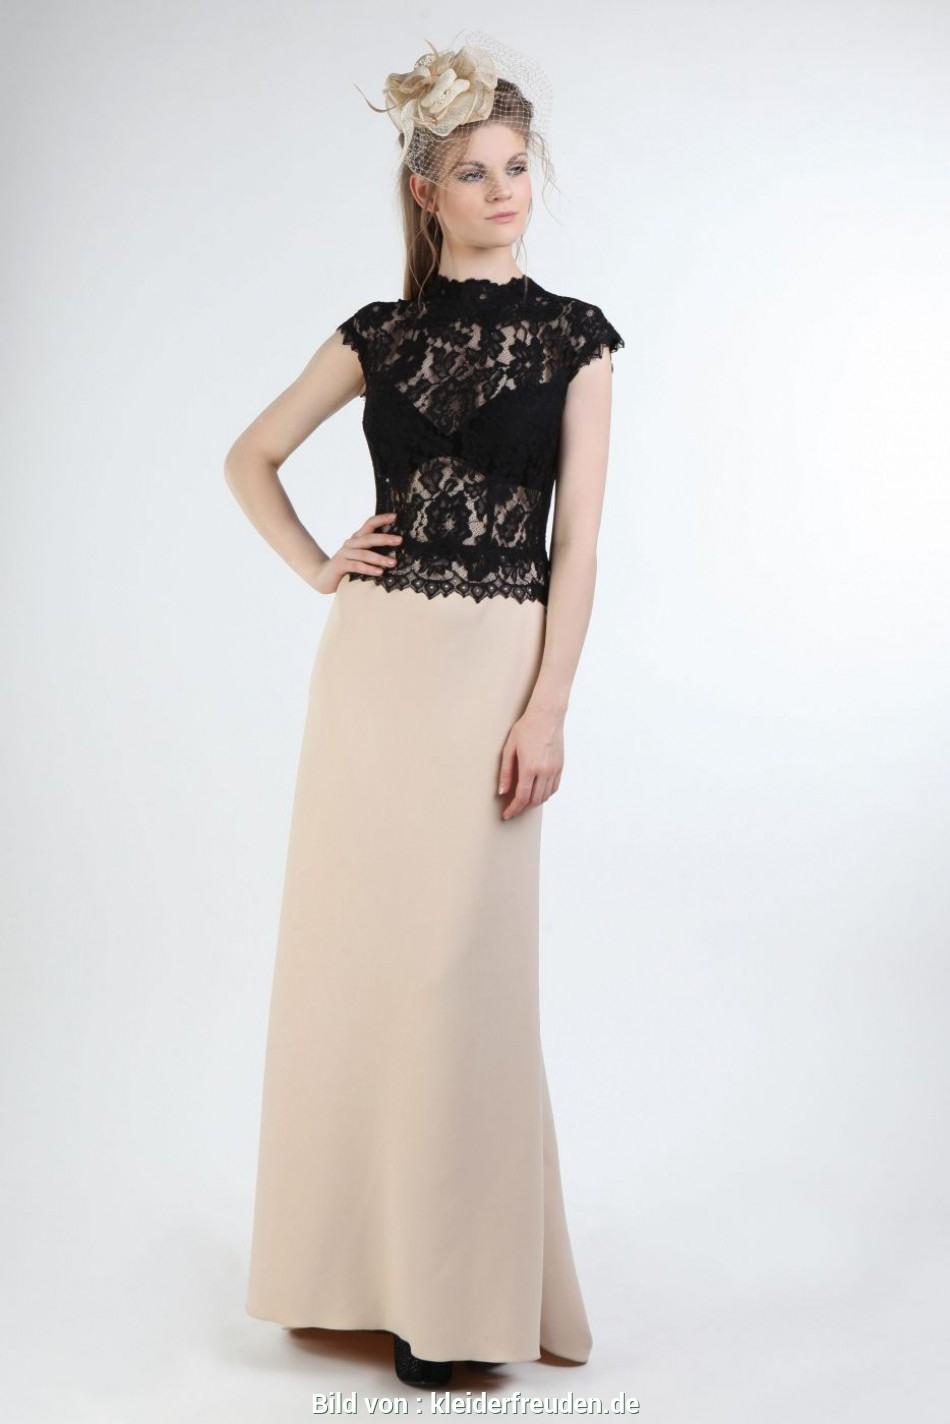 Abend Einzigartig Abendkleider Schön für 2019Abend Coolste Abendkleider Schön Boutique